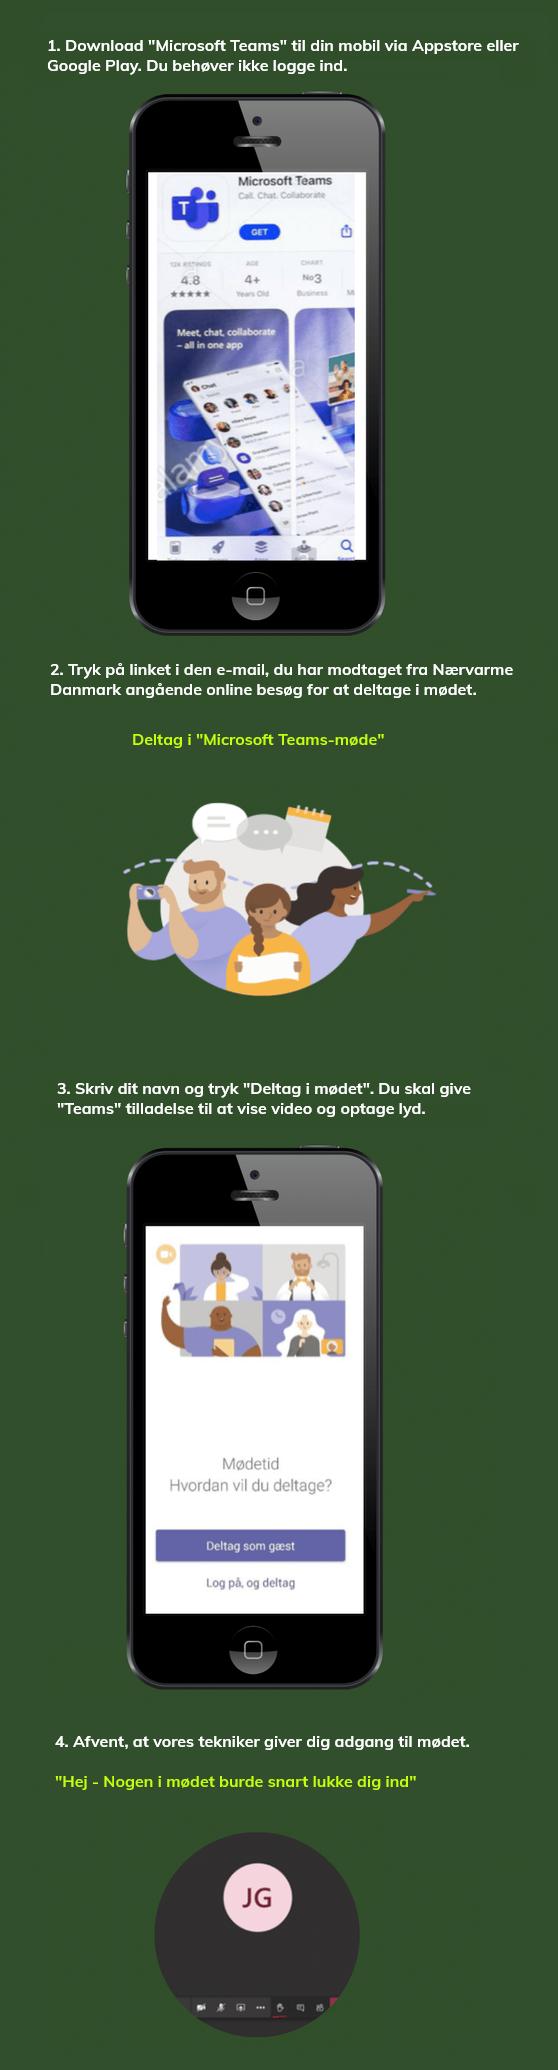 online videomøder - mobil